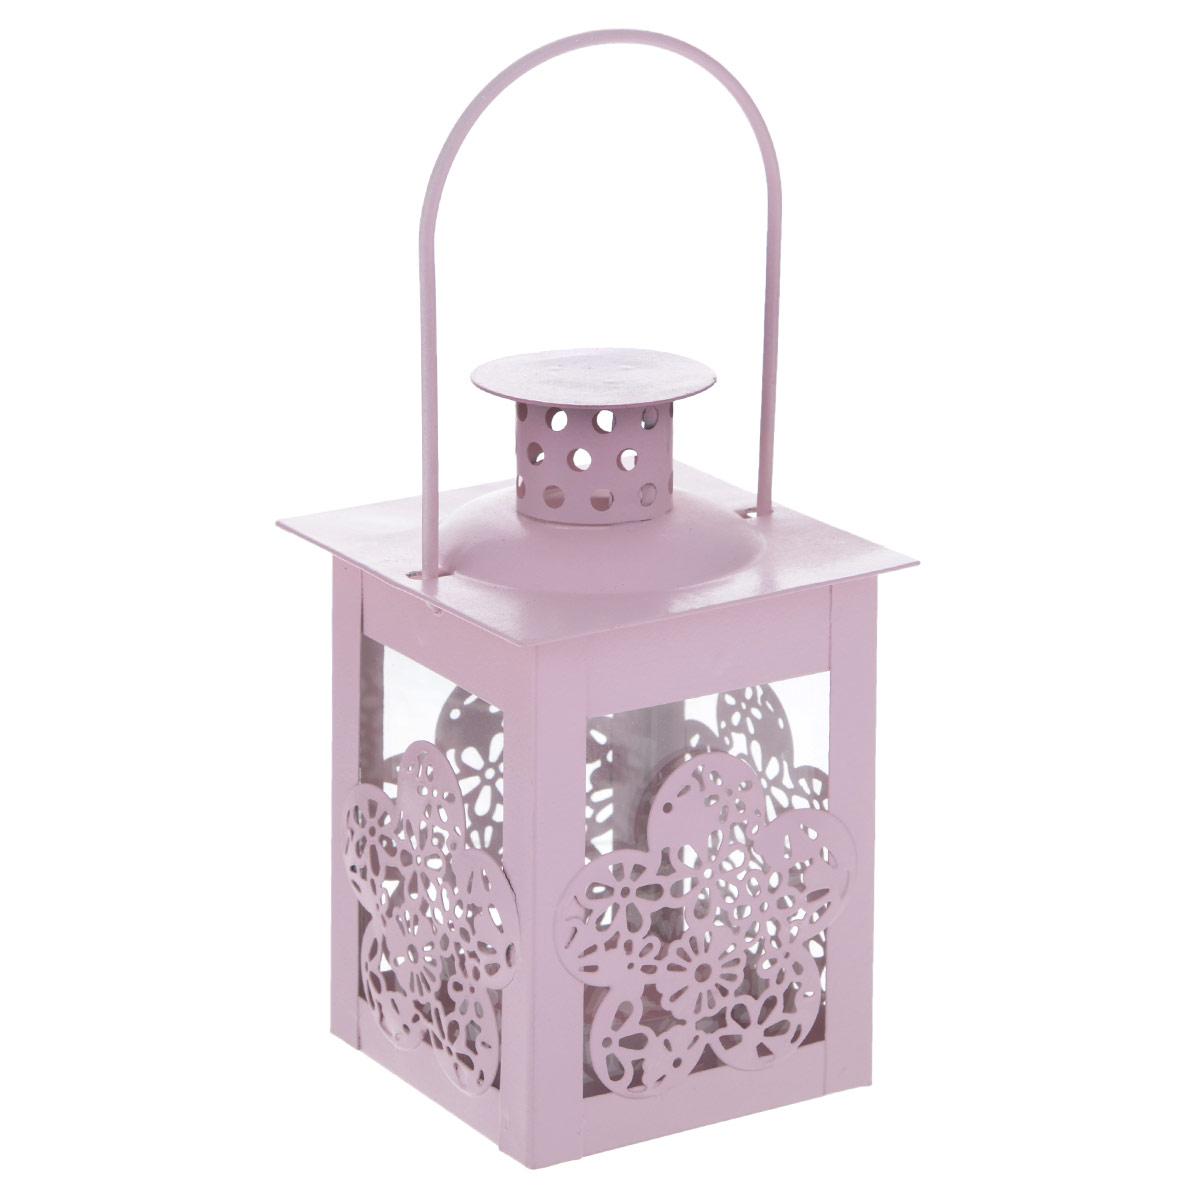 Декоративный фонарик Blossom Line Цветок, цвет: нежно-розовый, 8 х 8 х 17 см12723Декоративный фонарик Blossom Line Цветок, изготовленный из окрашенного металла, - прекрасный выбор для тех, кто хочет сделать запоминающийся подарок родным и близким. Кроме того, он может хорошо вписаться в интерьер вашего дома или дачи. Изделие можно декорировать разными материалами и сделать оригинальную композицию. Фонарик Blossom Line Цветок оснащен открывающейся крышкой и металлической ручкой для подвешивания на крючок.